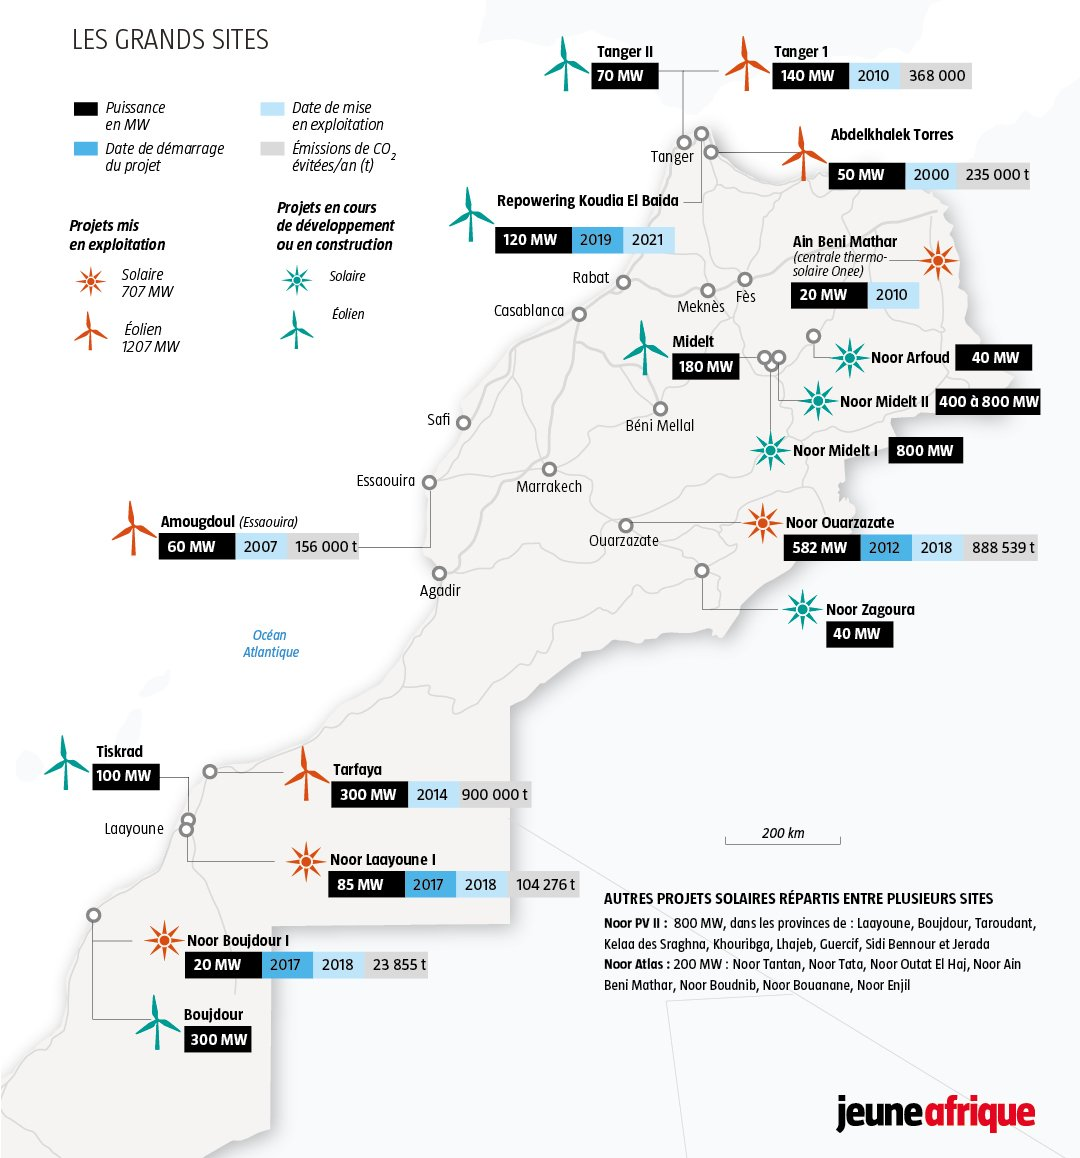 Les projets solaires et éoliens au Maroc